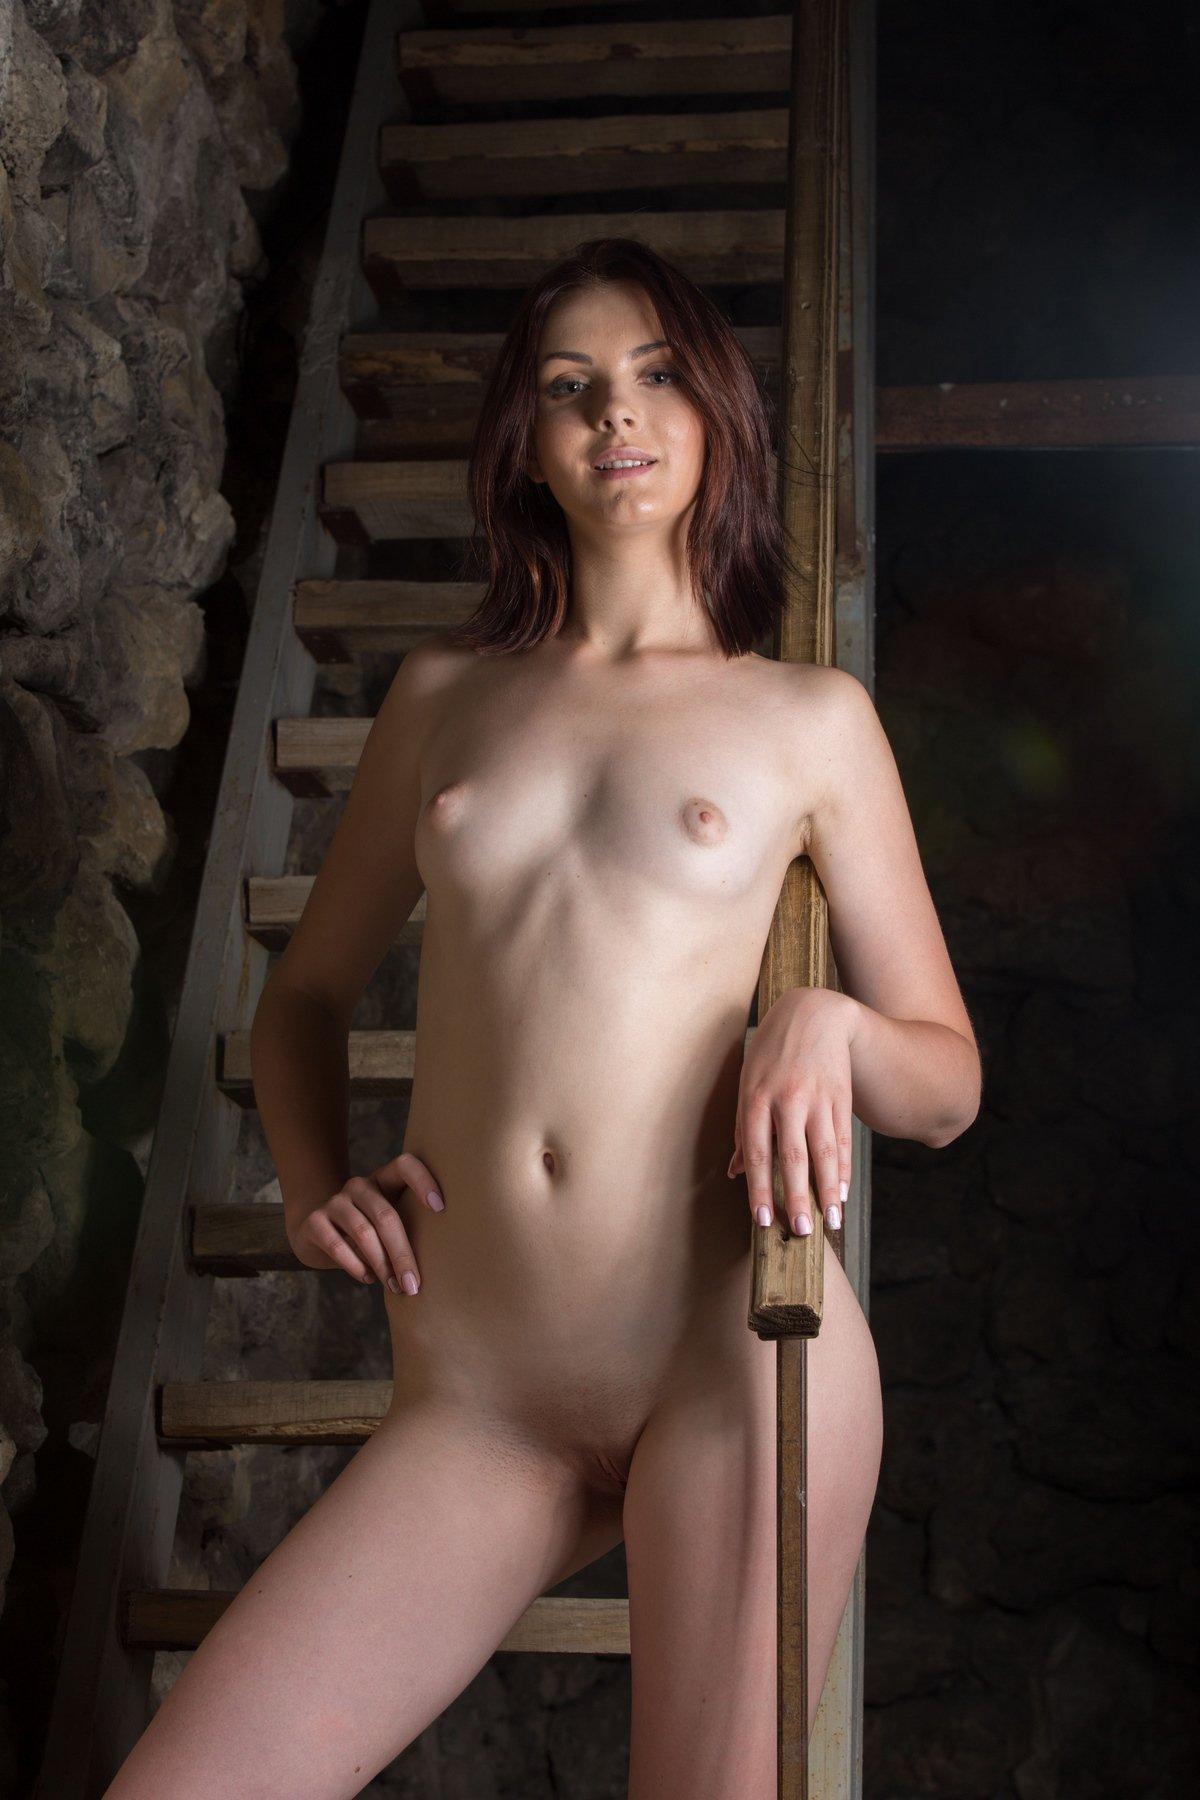 Ню голой девушки возле лестницы